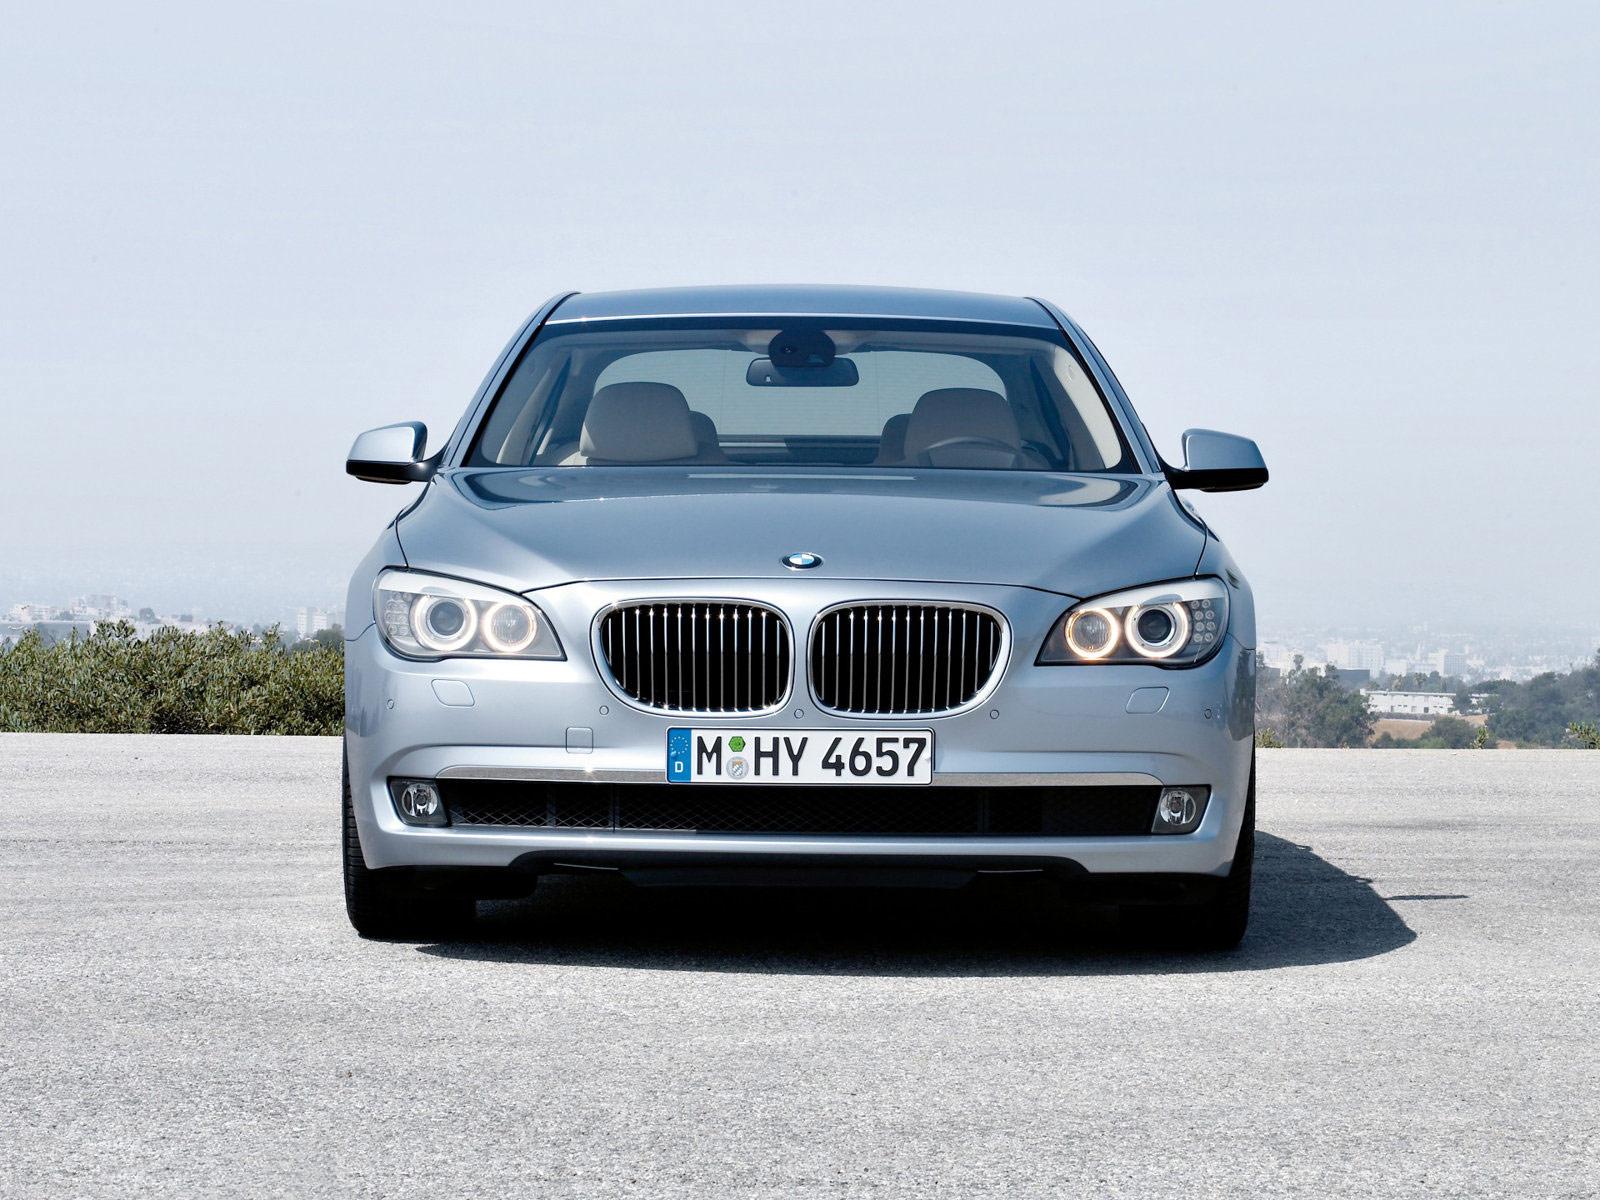 http://2.bp.blogspot.com/-7nw6QFCWpeI/TjOFvFkYyJI/AAAAAAAABbk/PMLmYE-O9zs/s1600/2010_BMW-7_ActiveHybrid_BMW-wallpapers_0d.jpg